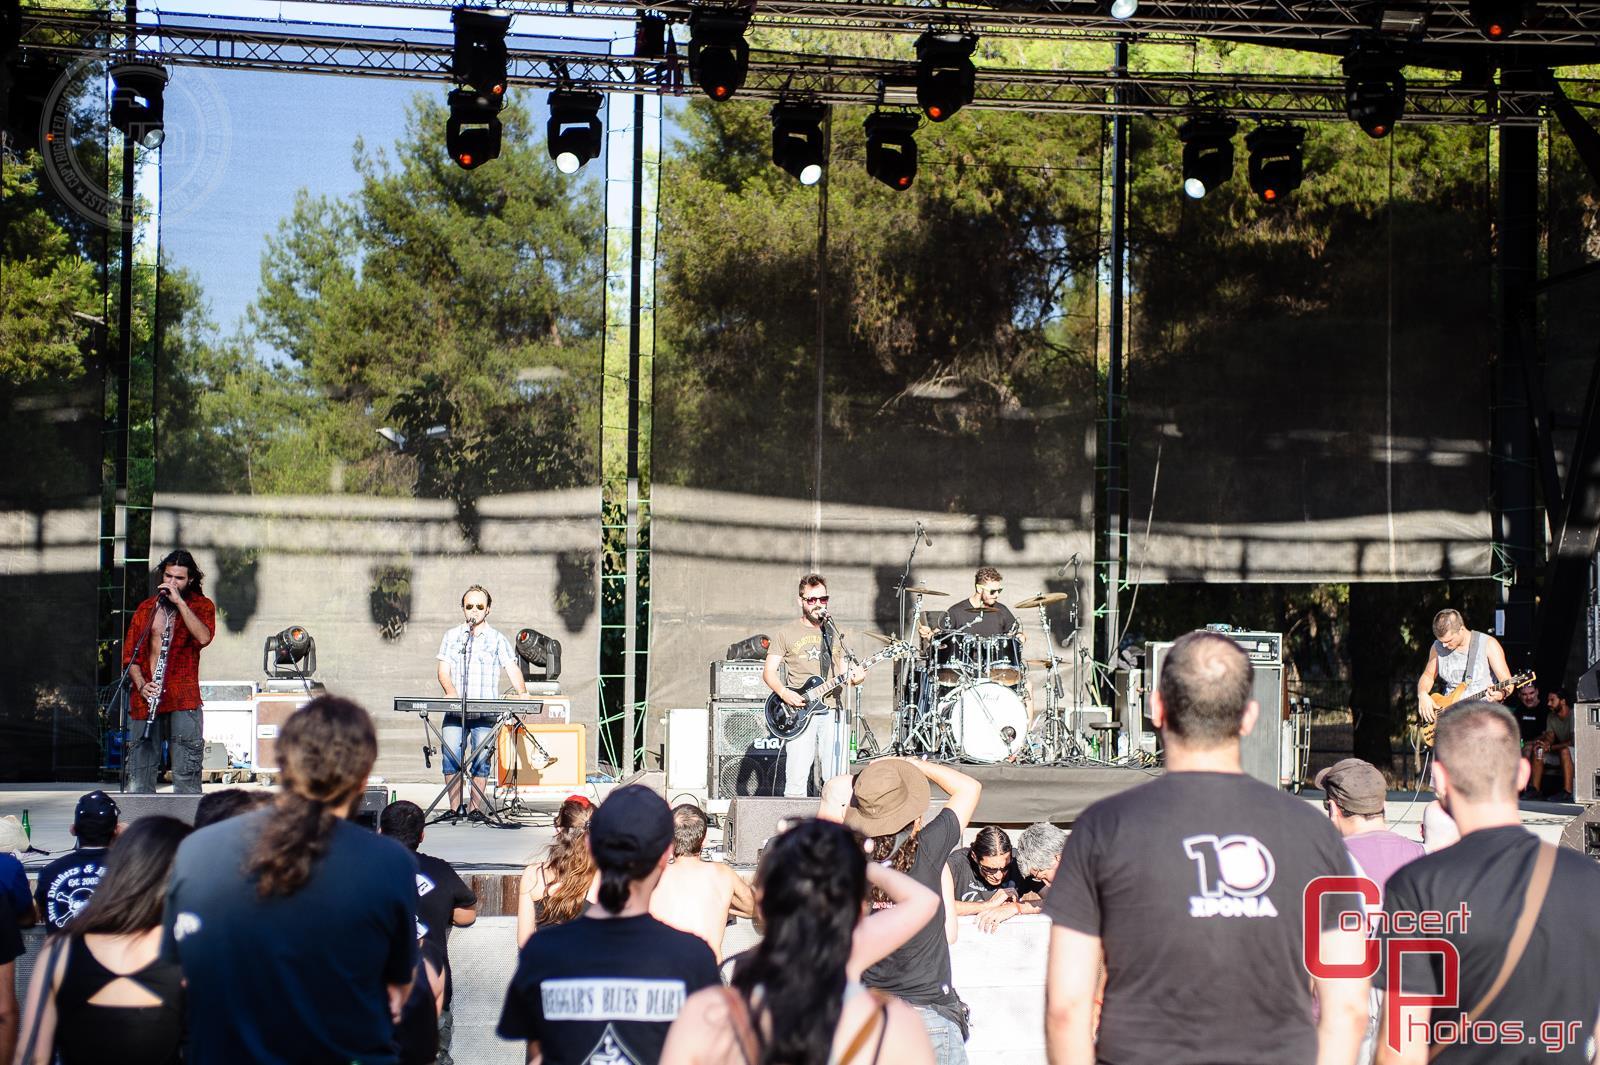 Rockwave 2014-Rockwave 2014 - Day 1 photographer:  - Rockwave-2014-29